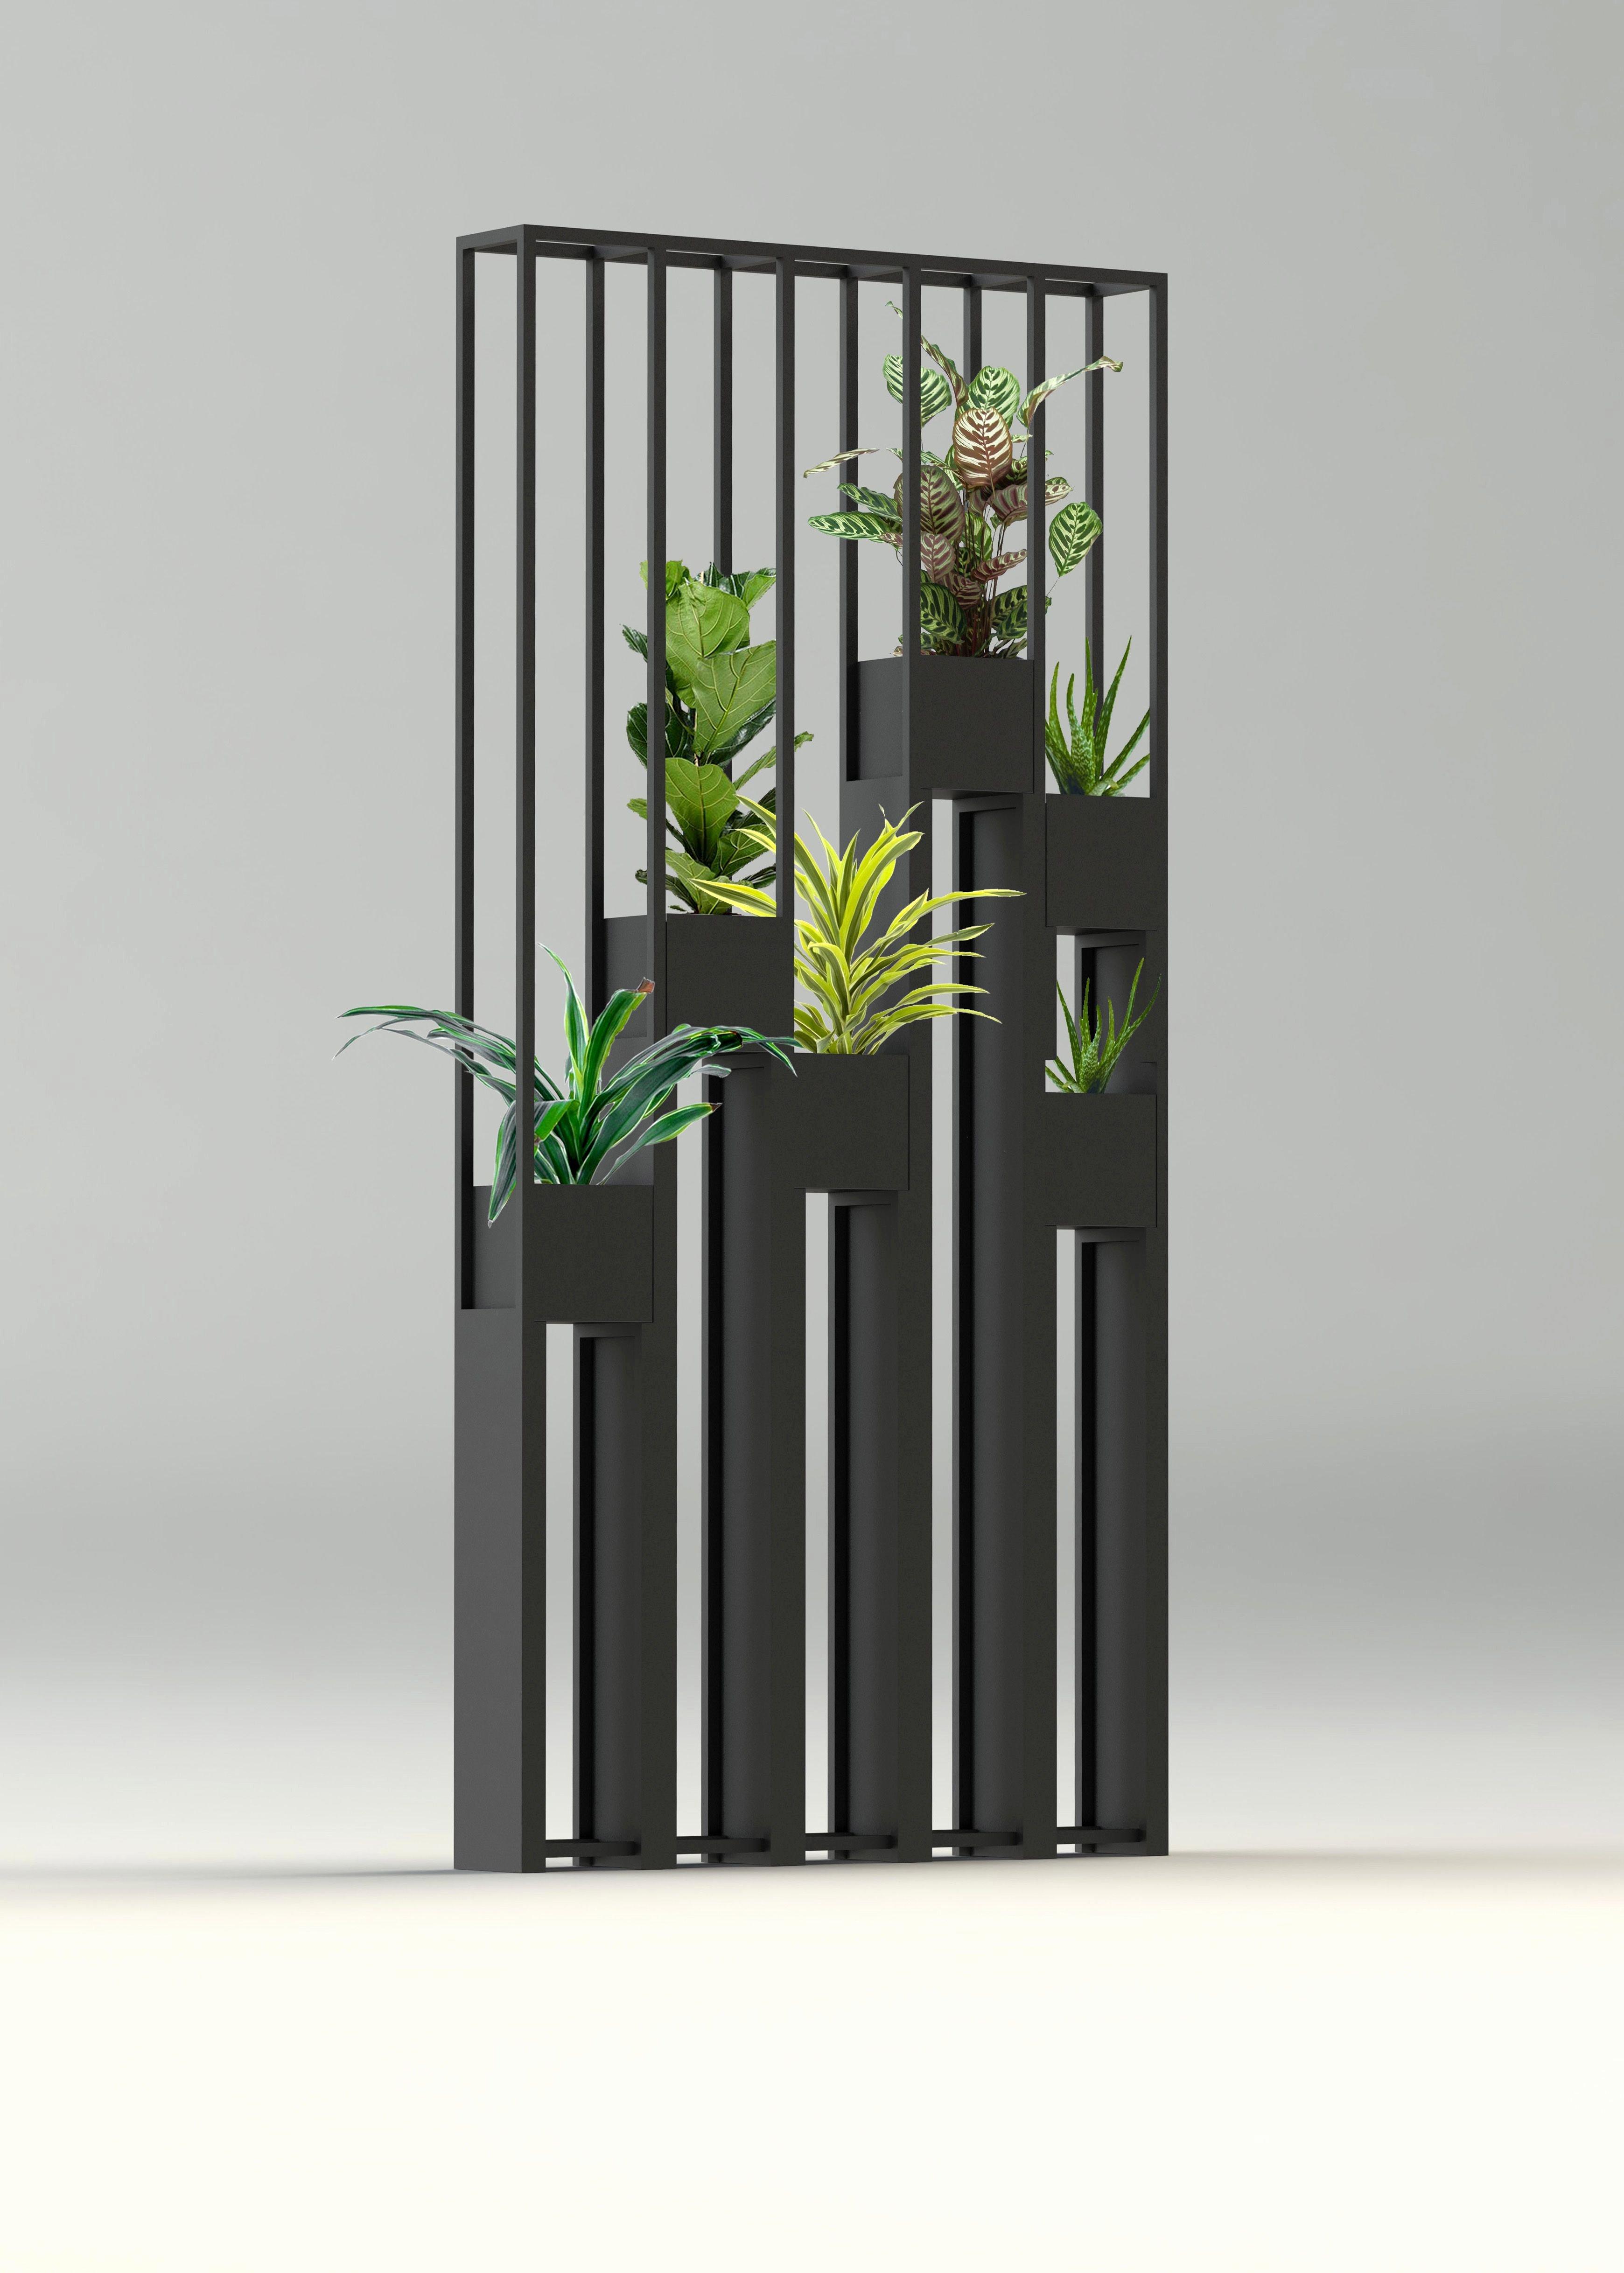 Ikea Canapé Angle Convertible Unique Photos √ Décoration De Maison ☆ Décoration De Maison Contemporaine